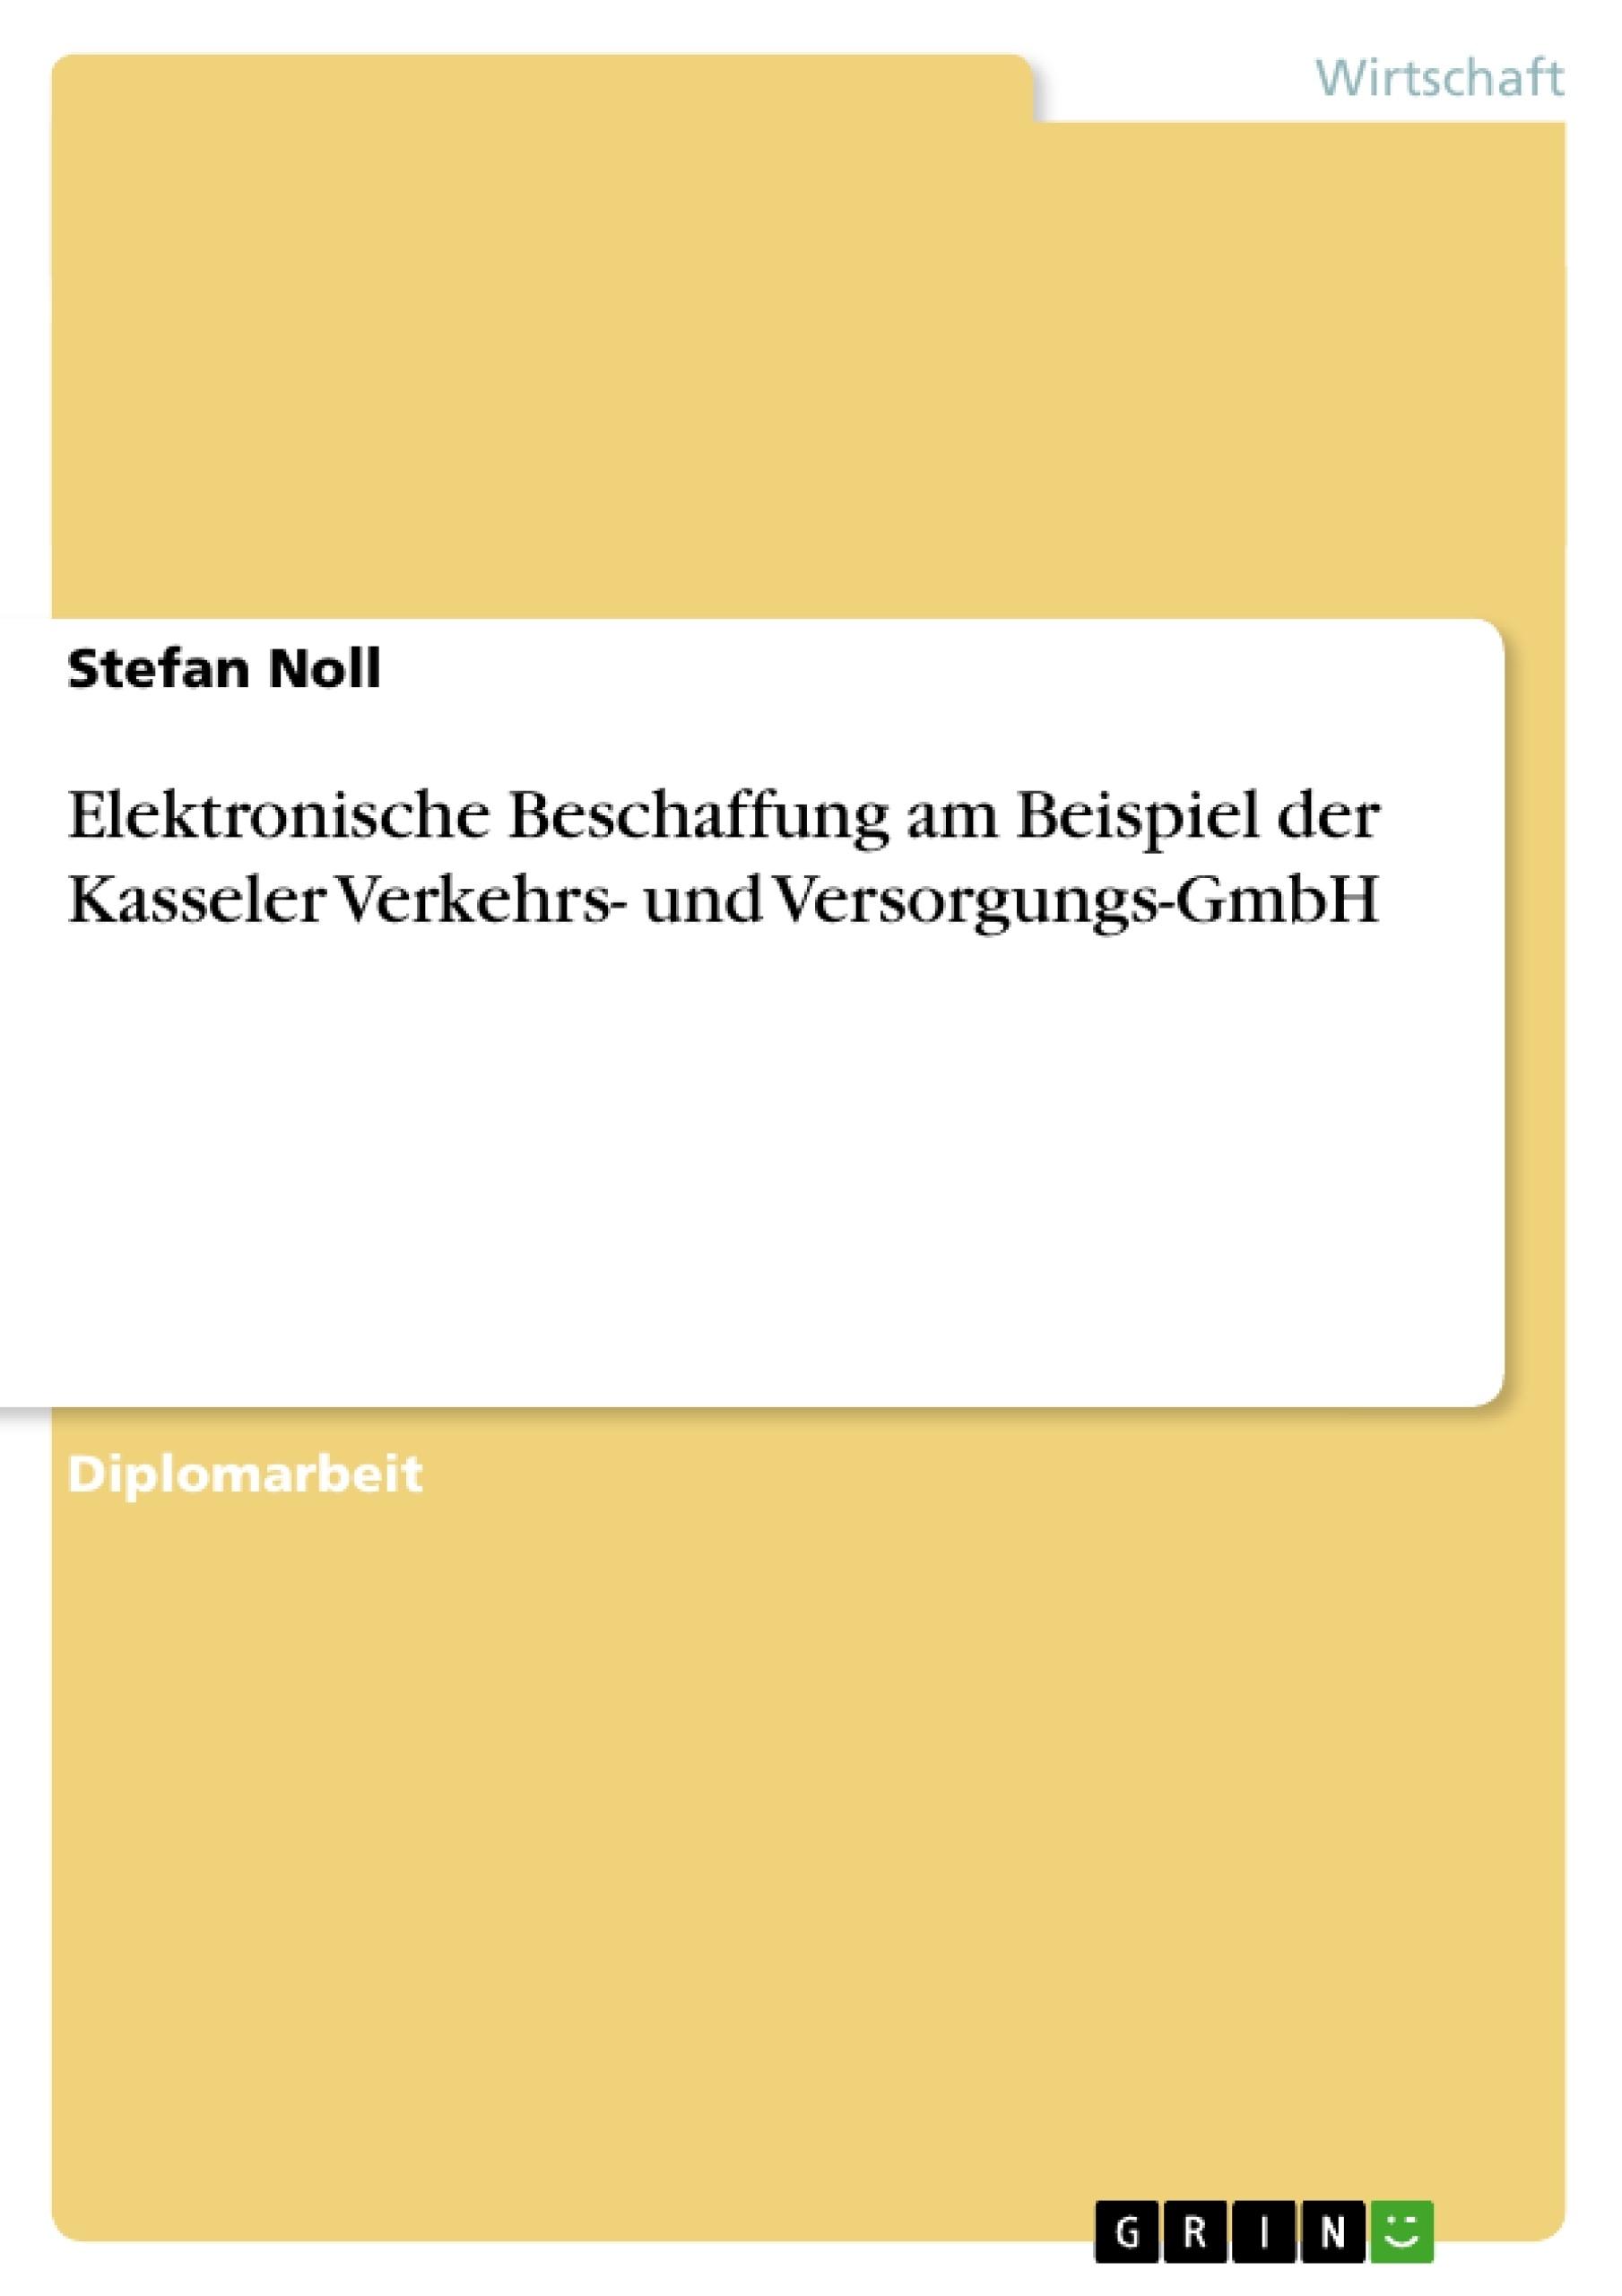 Titel: Elektronische Beschaffung am Beispiel der Kasseler Verkehrs- und Versorgungs-GmbH